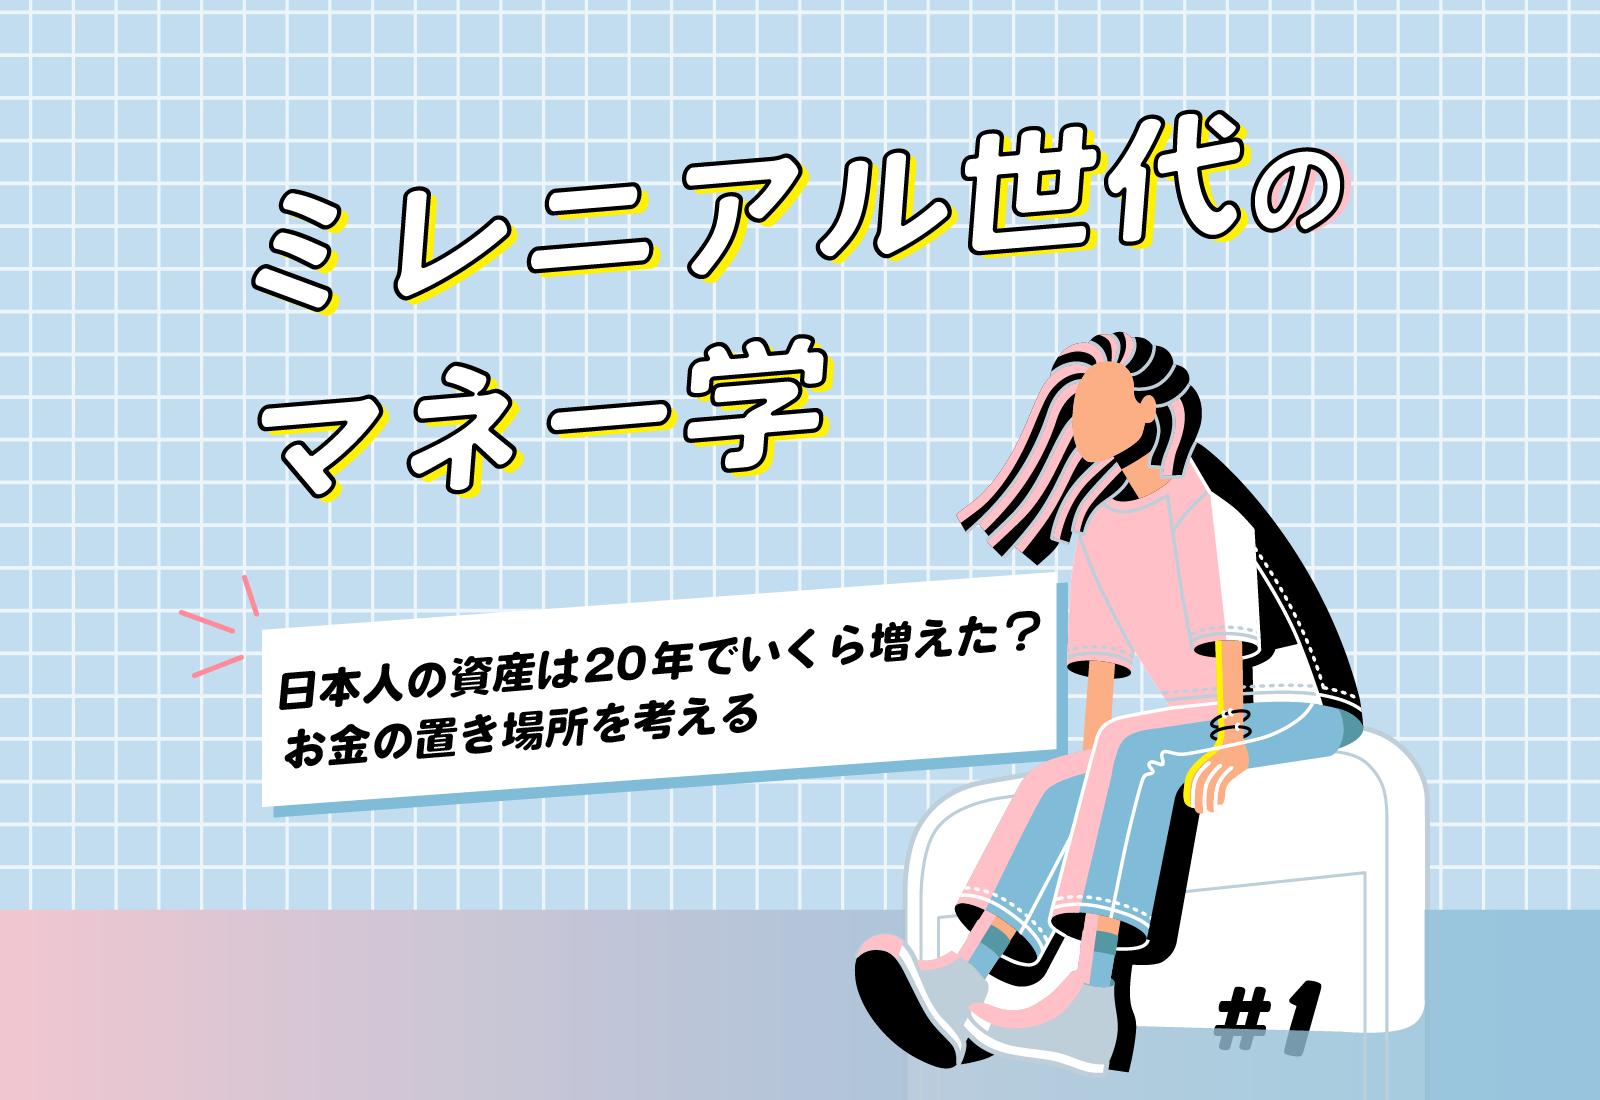 【ミレニアル世代のマネー学】日本人の資産は20年でいくら増えた? お金の置き場所を考える